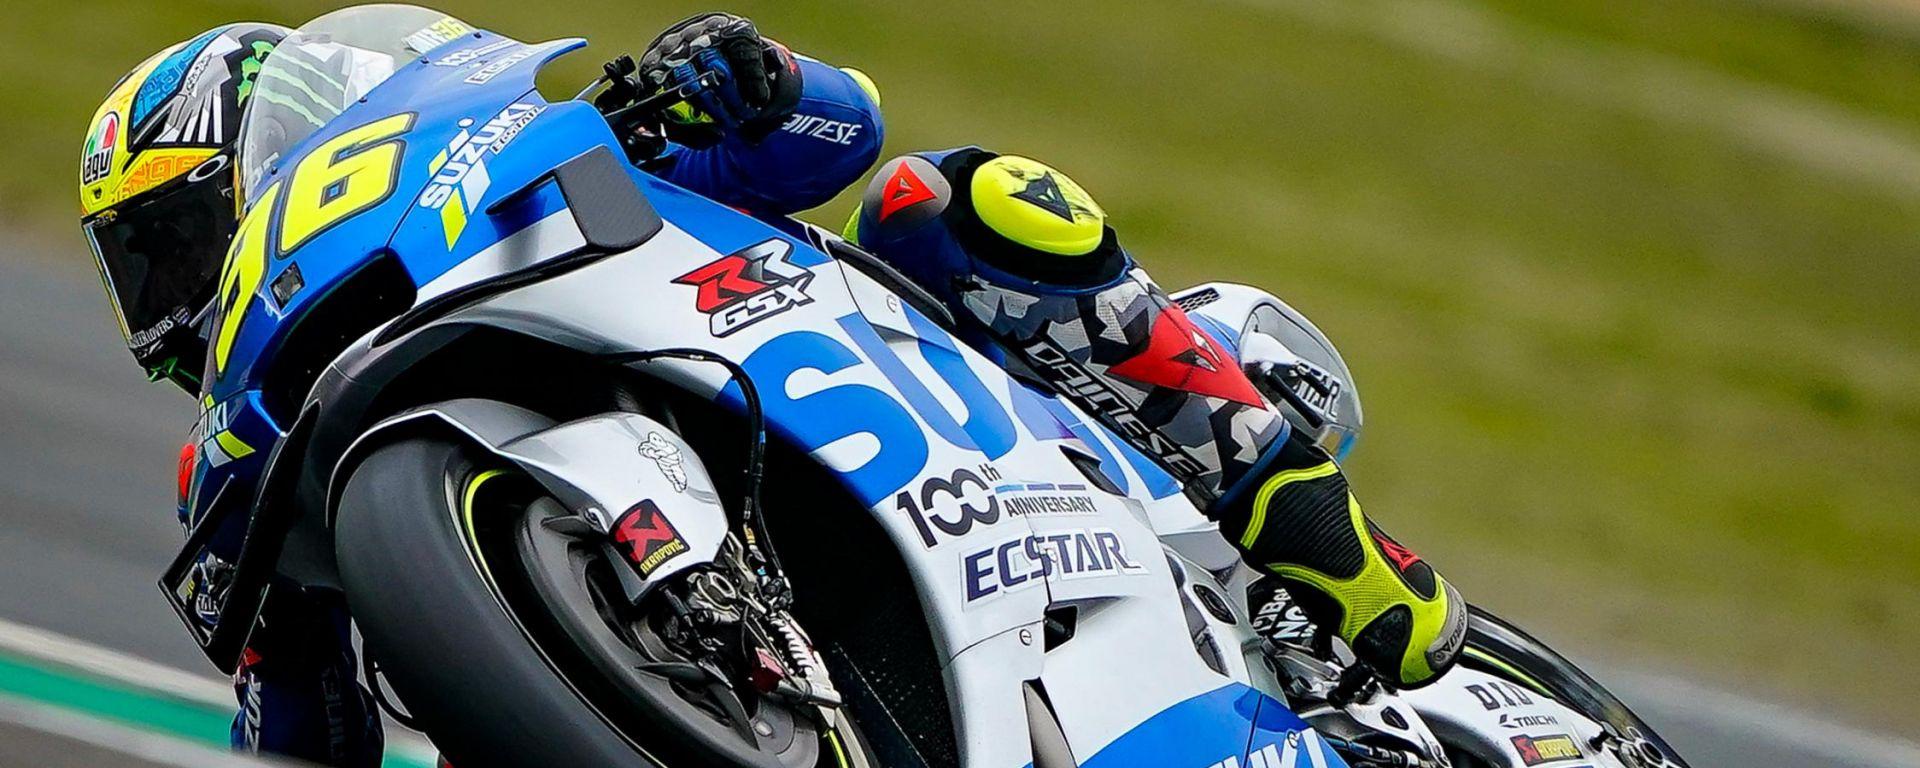 MotoGP Aragona 2020, Joan Mir (Suzuki)